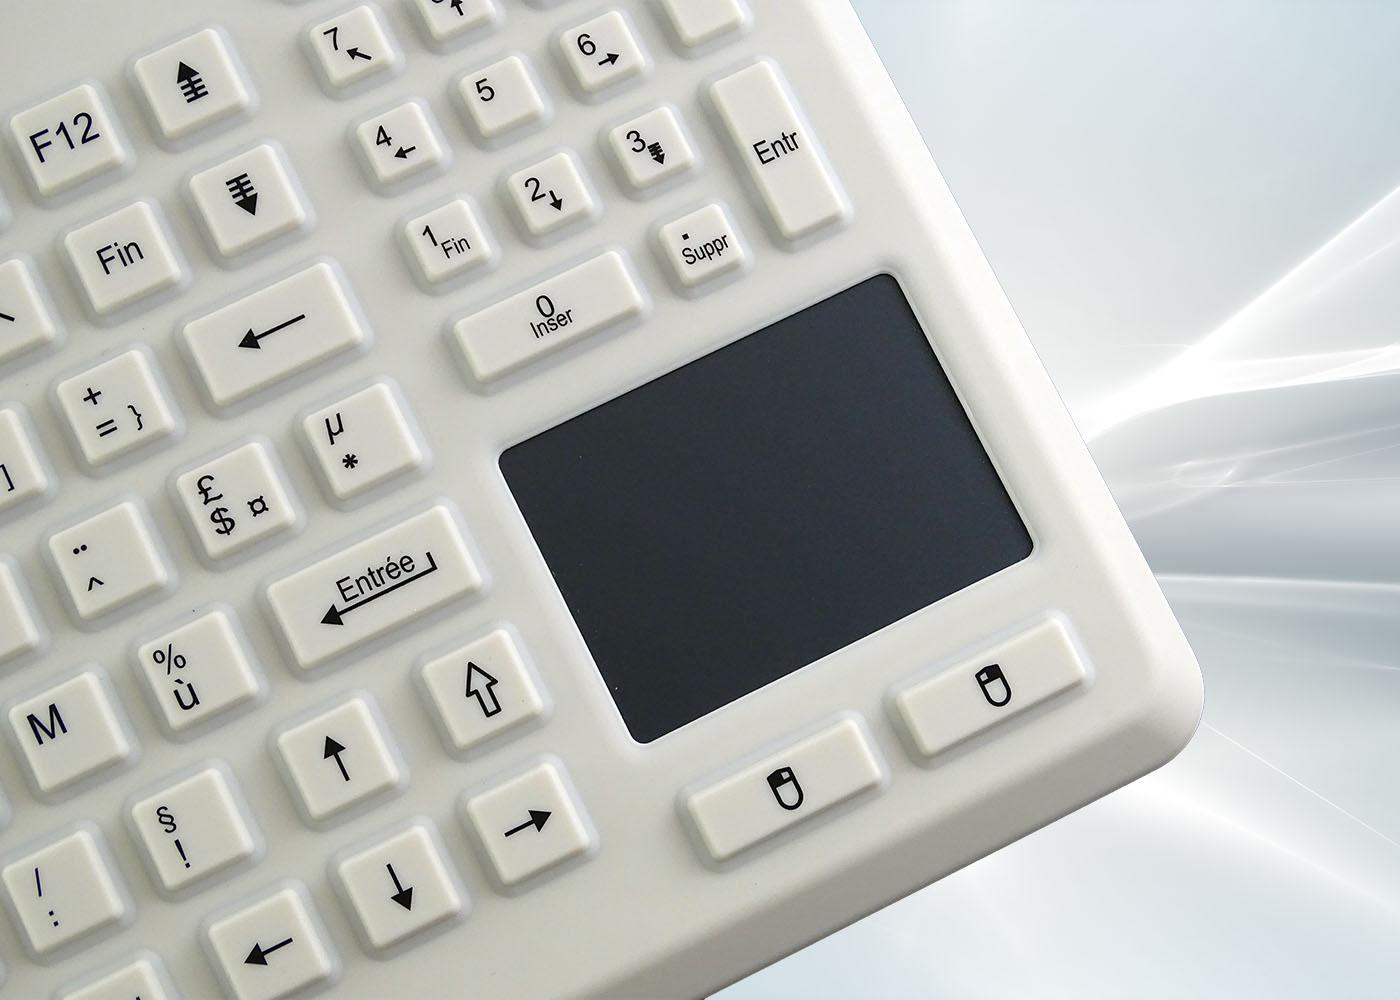 Clavier lavable 104 touches blanc étanche IP68 avec touchpad – Vue touchpad